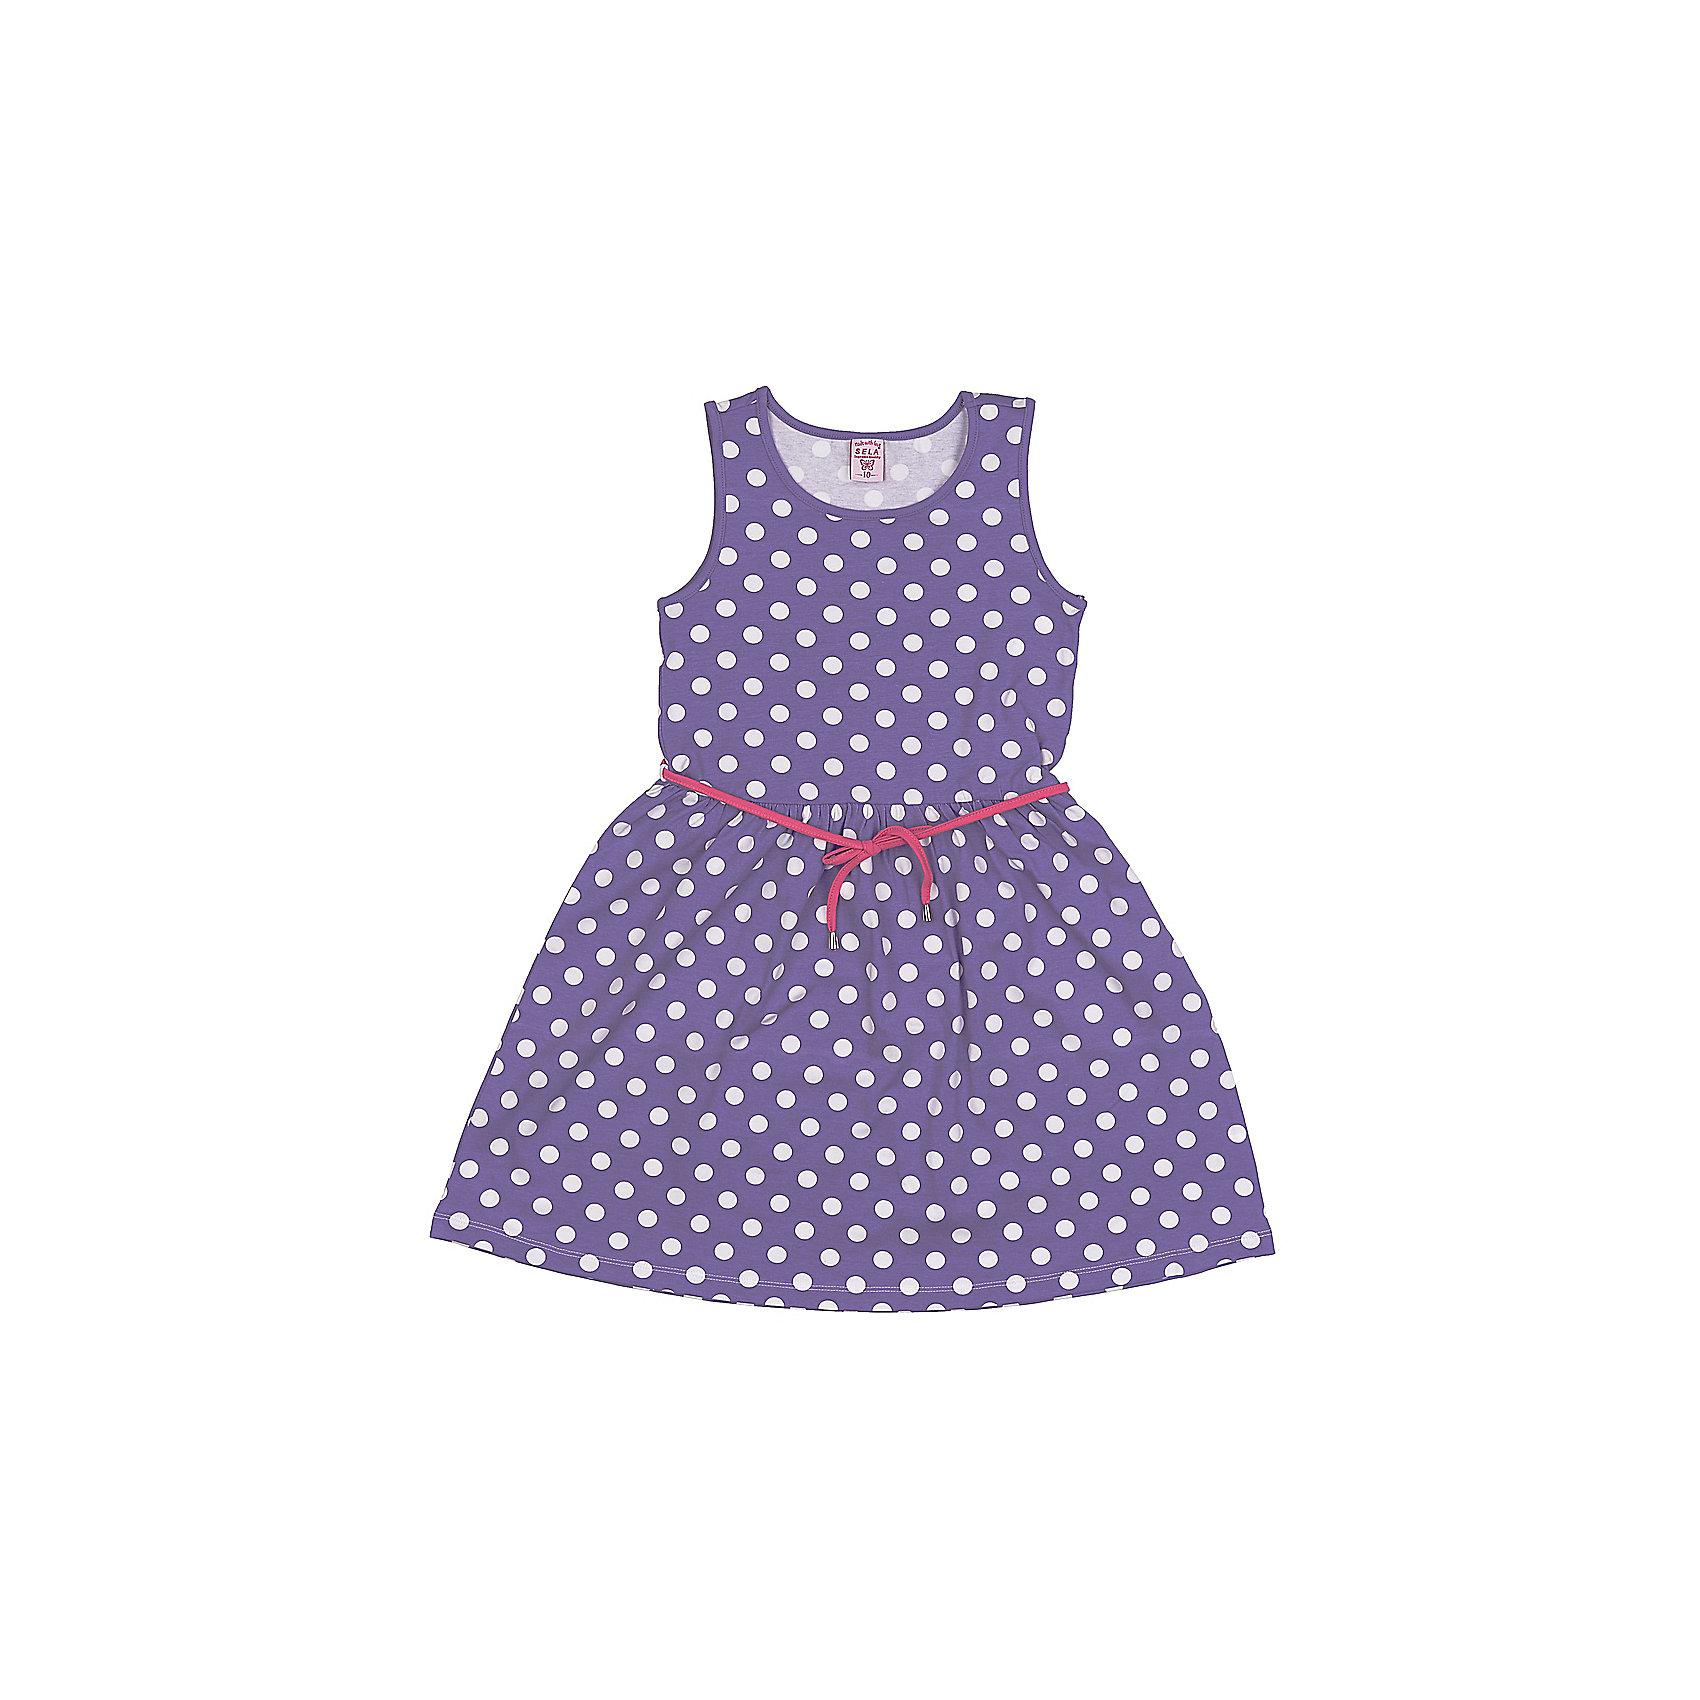 Платье для девочки SELAМилое платьице для девочки от популярного бренда SELA. Изделие выполнено из высококачественного трикотажа, мягкого, эластичного и приятного к телу, и обладает следующими особенностями:<br>- фиолетовый цвет, актуальный принт горох;<br>- контрастный пояс-шнурок;<br>- без рукавов;<br>- округлый вырез горловины;<br>- А-силуэт;<br>- комфортный крой, обеспечивающий свободу движения.<br>Прекрасный выбор для летних дней!<br><br>Дополнительная информация:<br>- состав: 95% хлопок, 5% эластан<br>- цвет: фиолетовый + белый<br><br>Платье для девочки SELA (СЕЛА) можно купить в нашем магазине<br><br>Ширина мм: 236<br>Глубина мм: 16<br>Высота мм: 184<br>Вес г: 177<br>Цвет: фиолетовый<br>Возраст от месяцев: 132<br>Возраст до месяцев: 144<br>Пол: Женский<br>Возраст: Детский<br>Размер: 152,140,146,116,122,128,134<br>SKU: 4741621